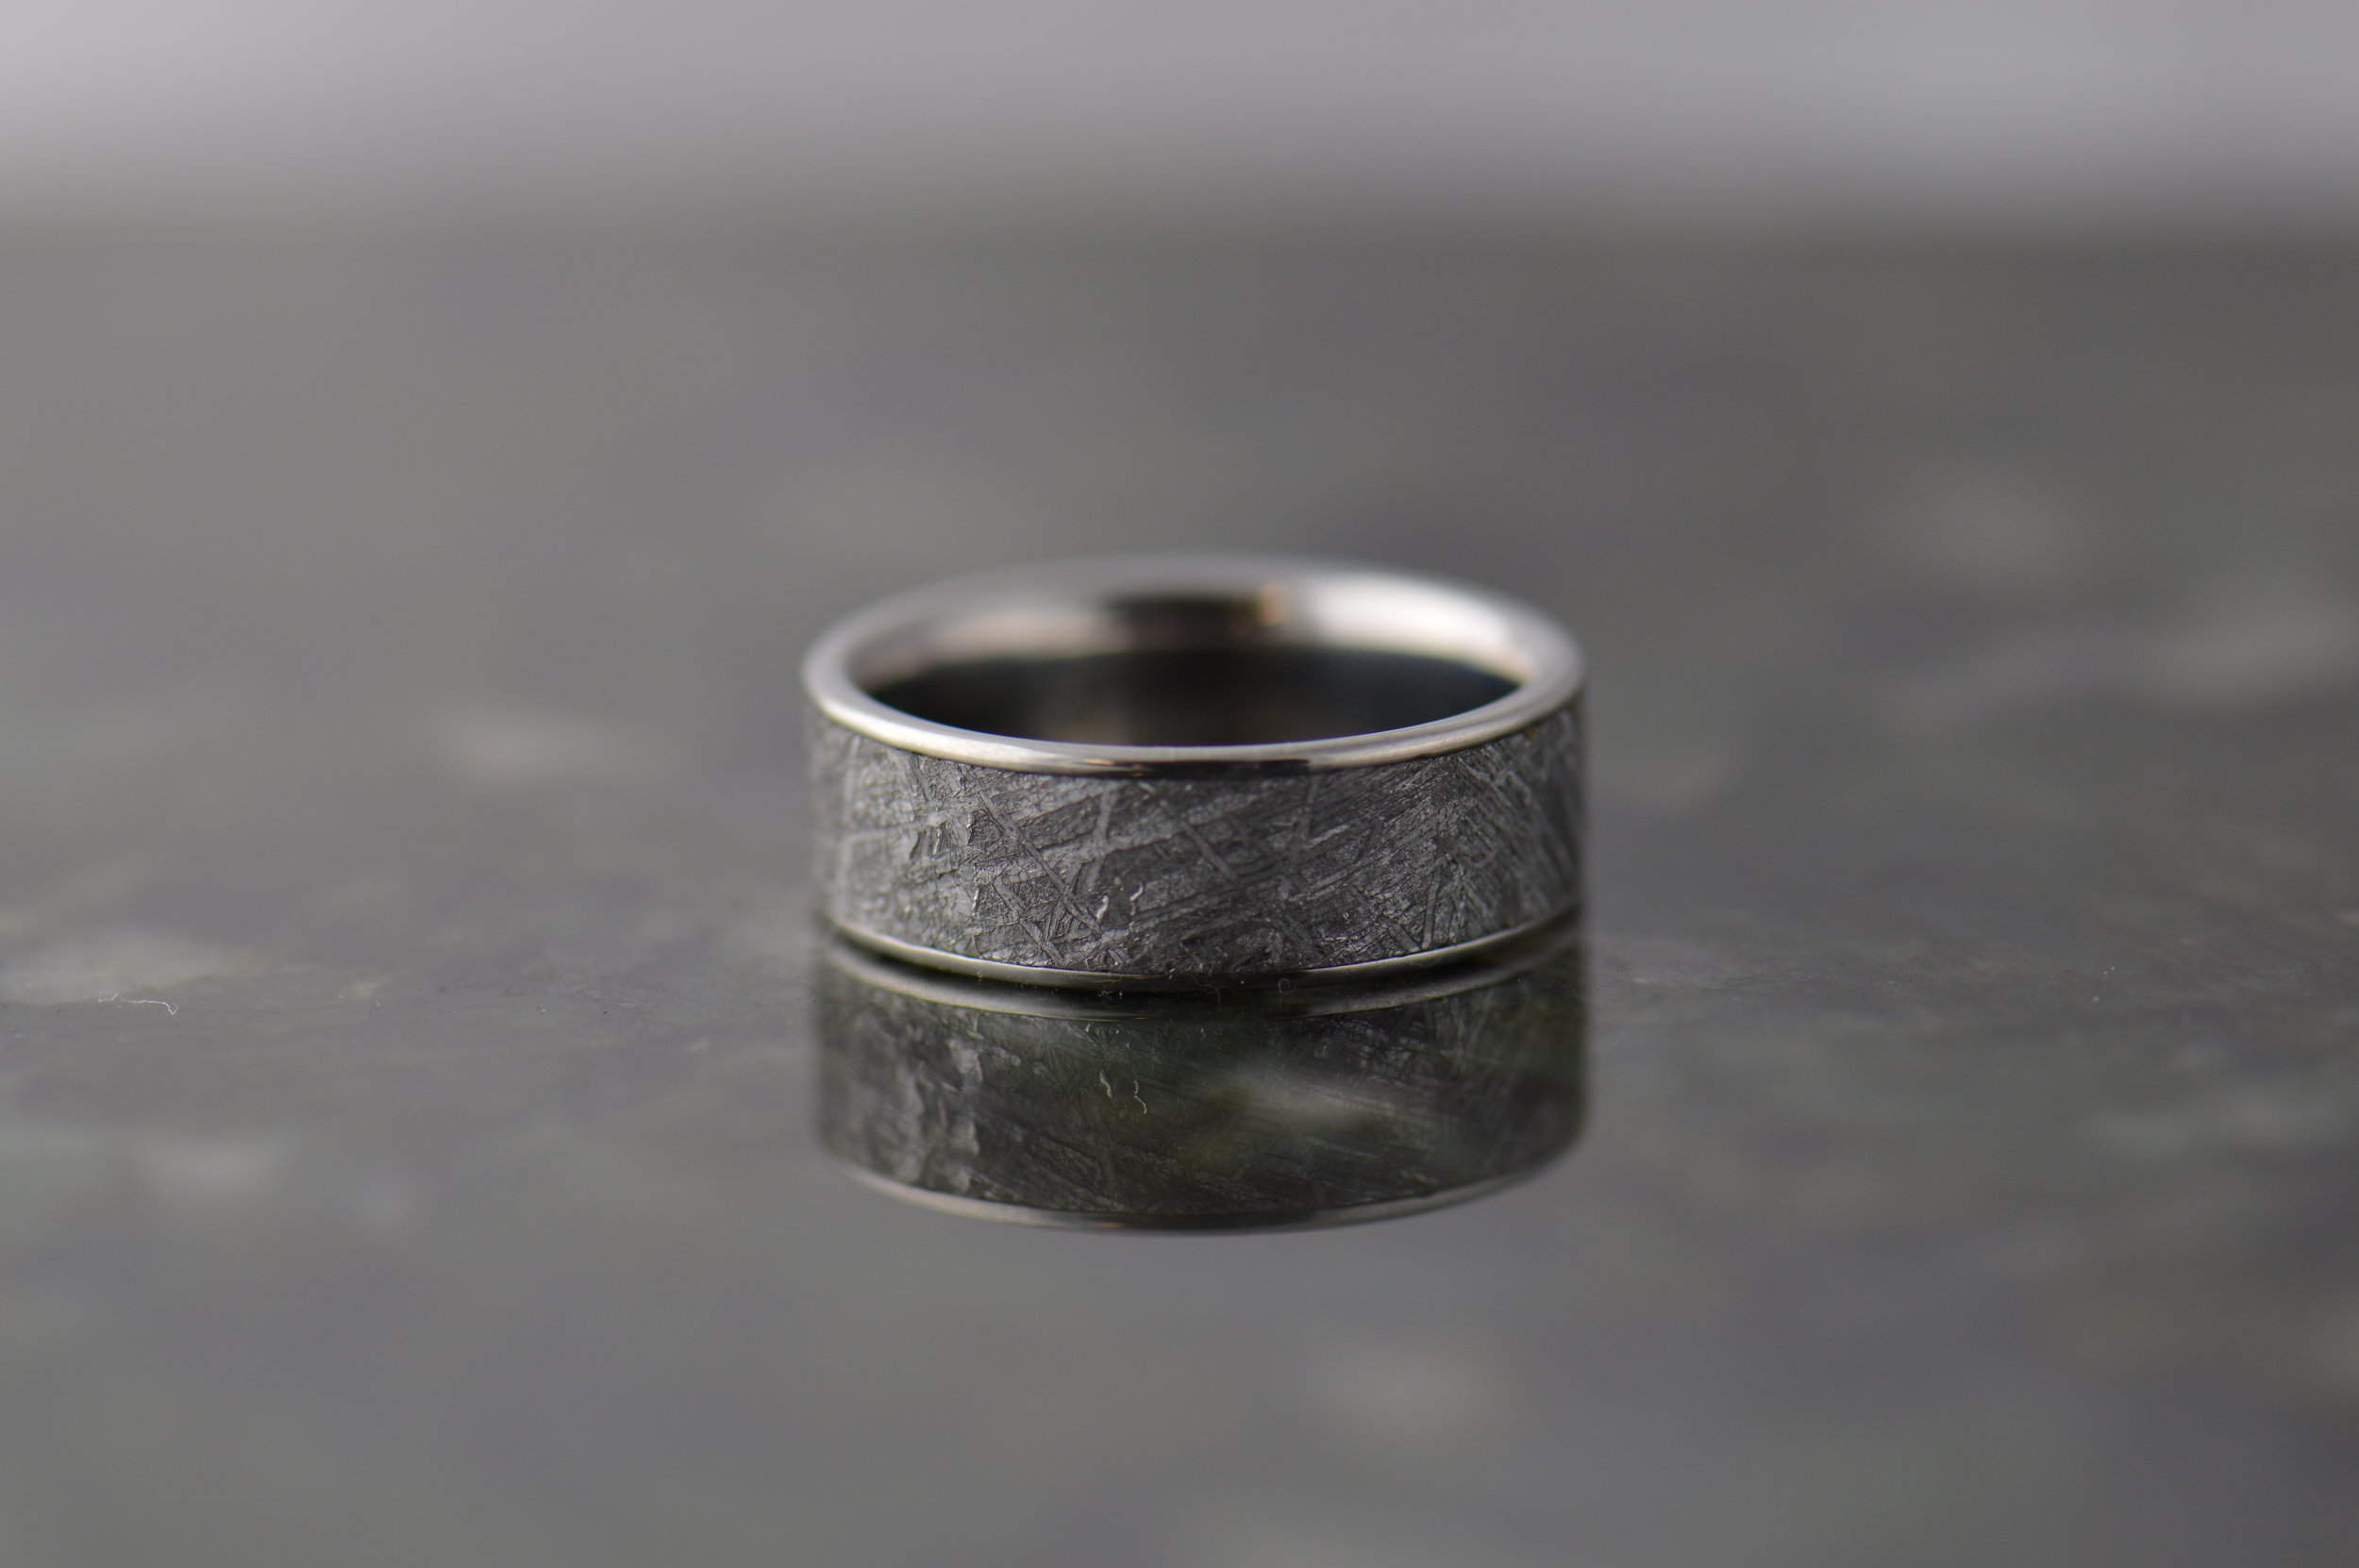 darvier-meteorite-ring-flat-profile.JPG